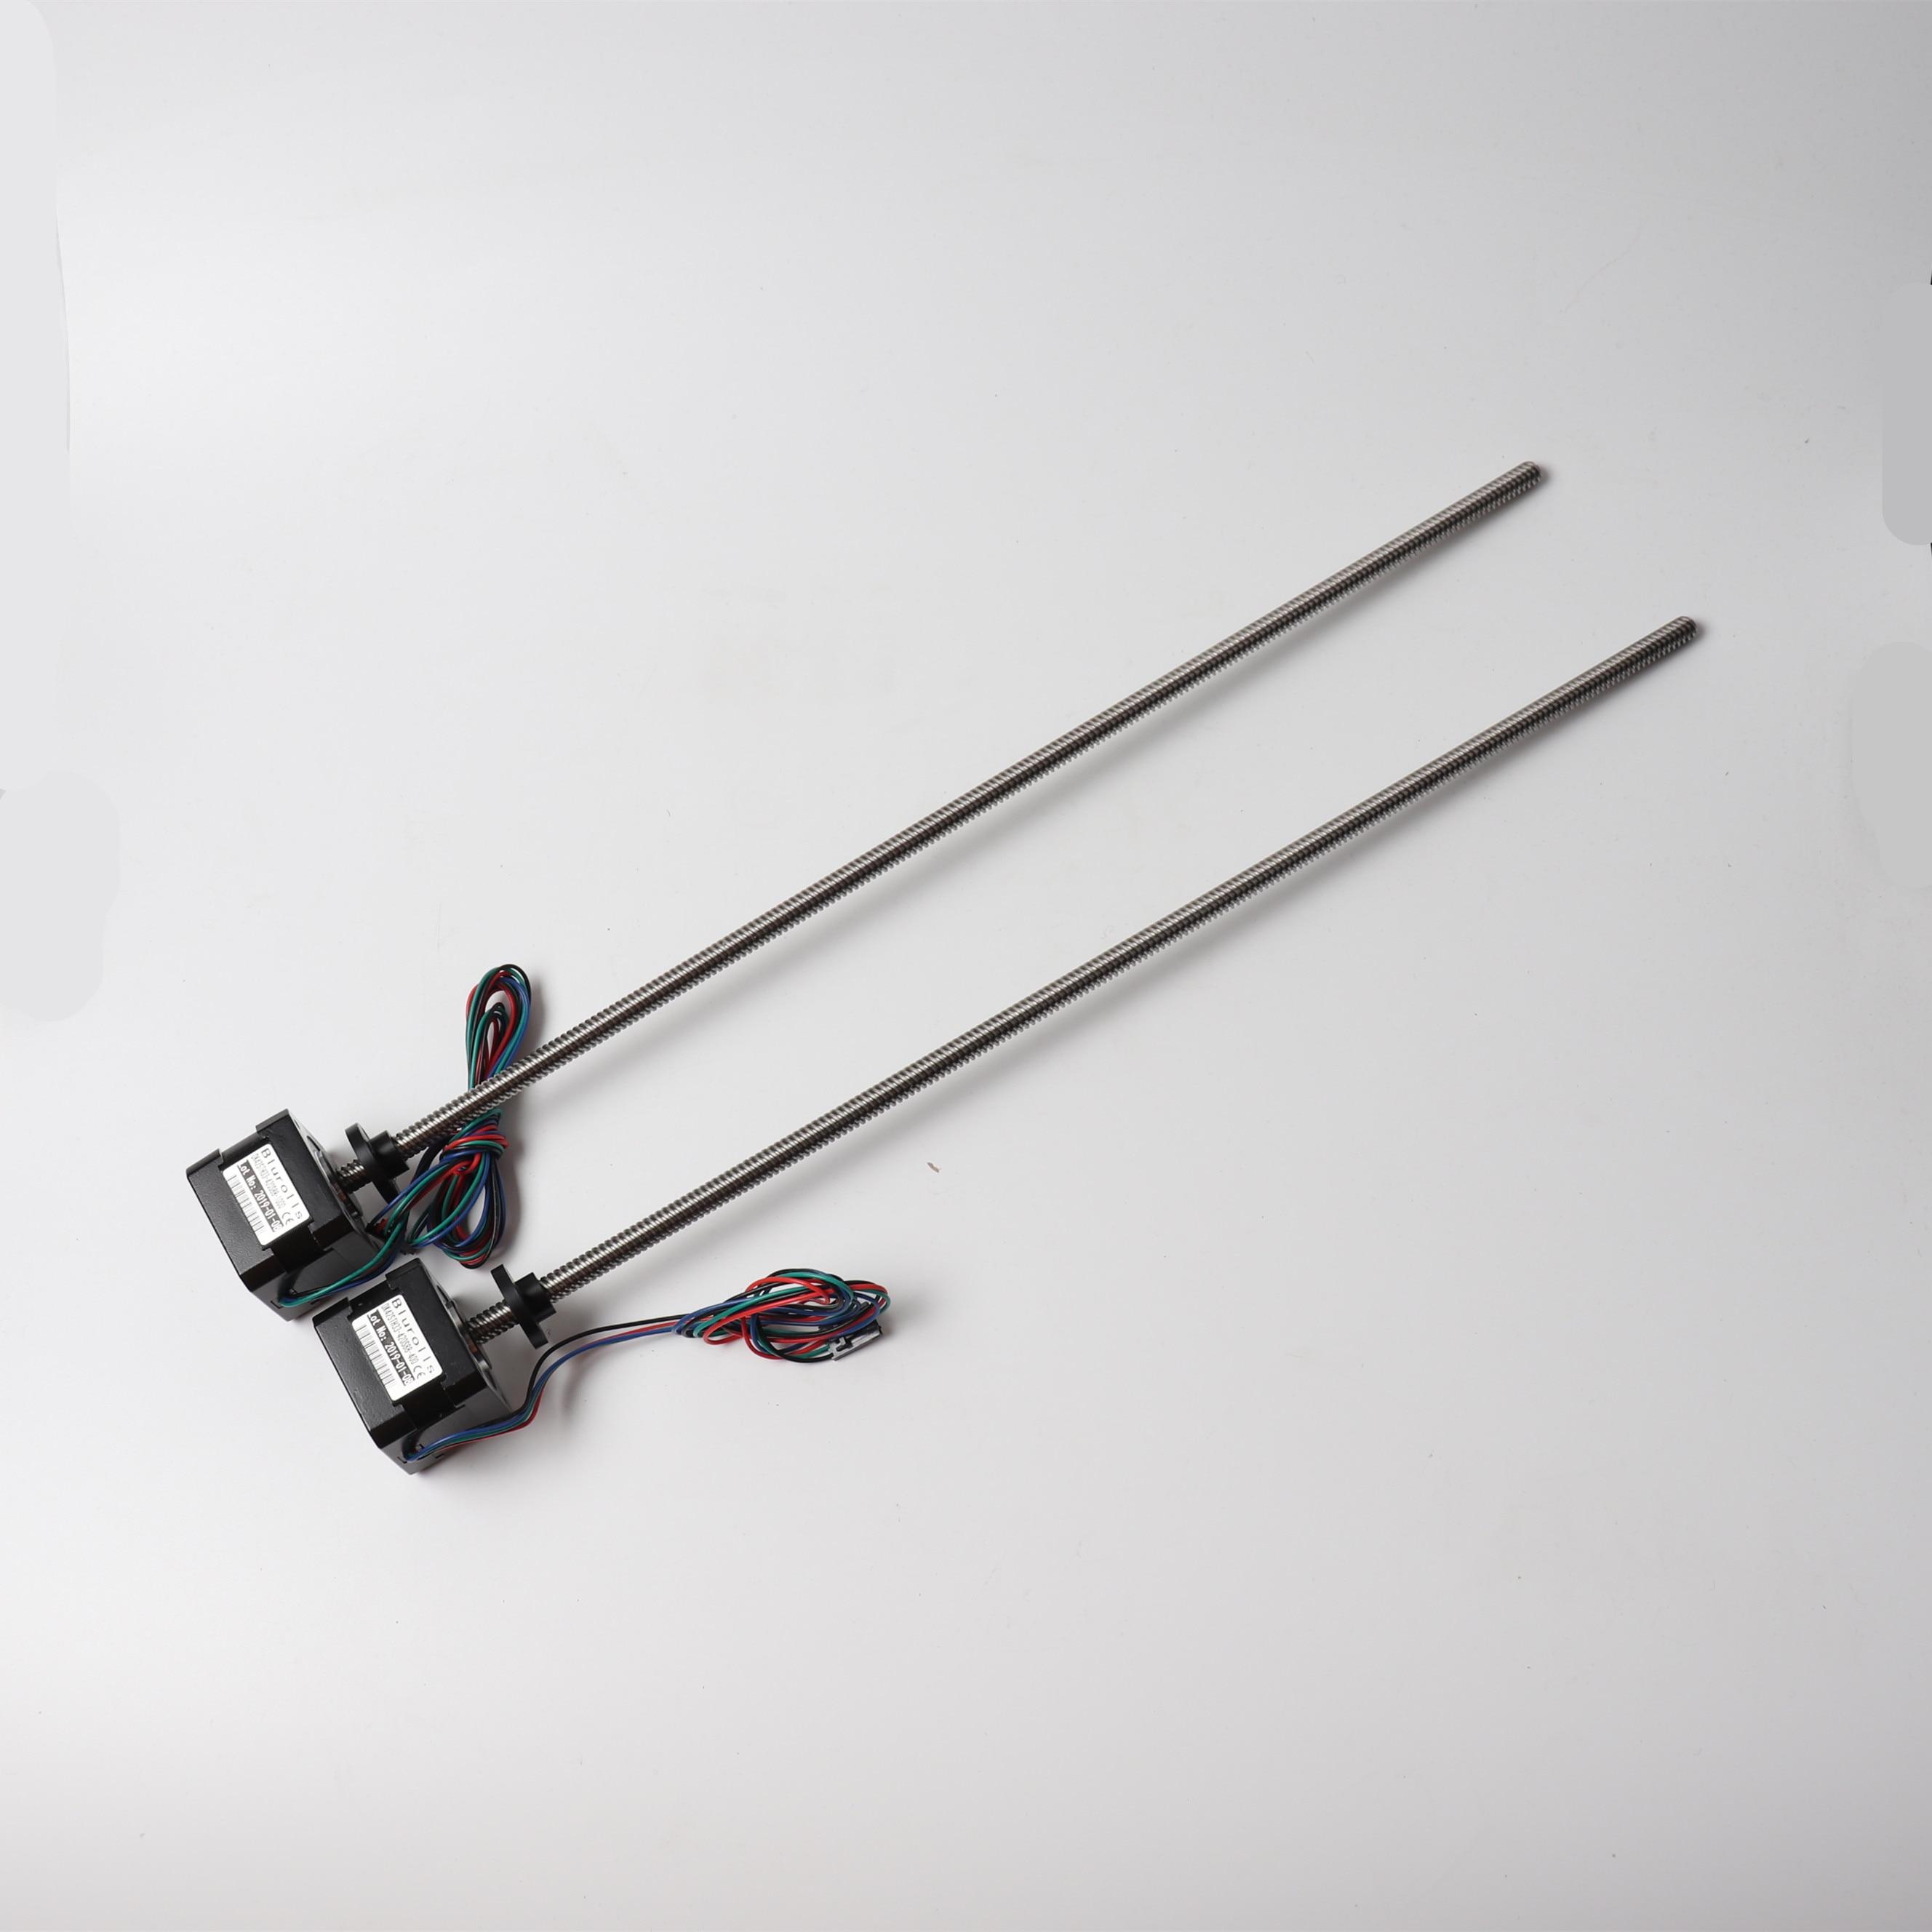 420mm Extended Z Motors Kit for Prusa i3 mk2s/mk3 bear Profile HariboXL/Zaribo prusa i3 mk3 bear taller Lead Screw motor